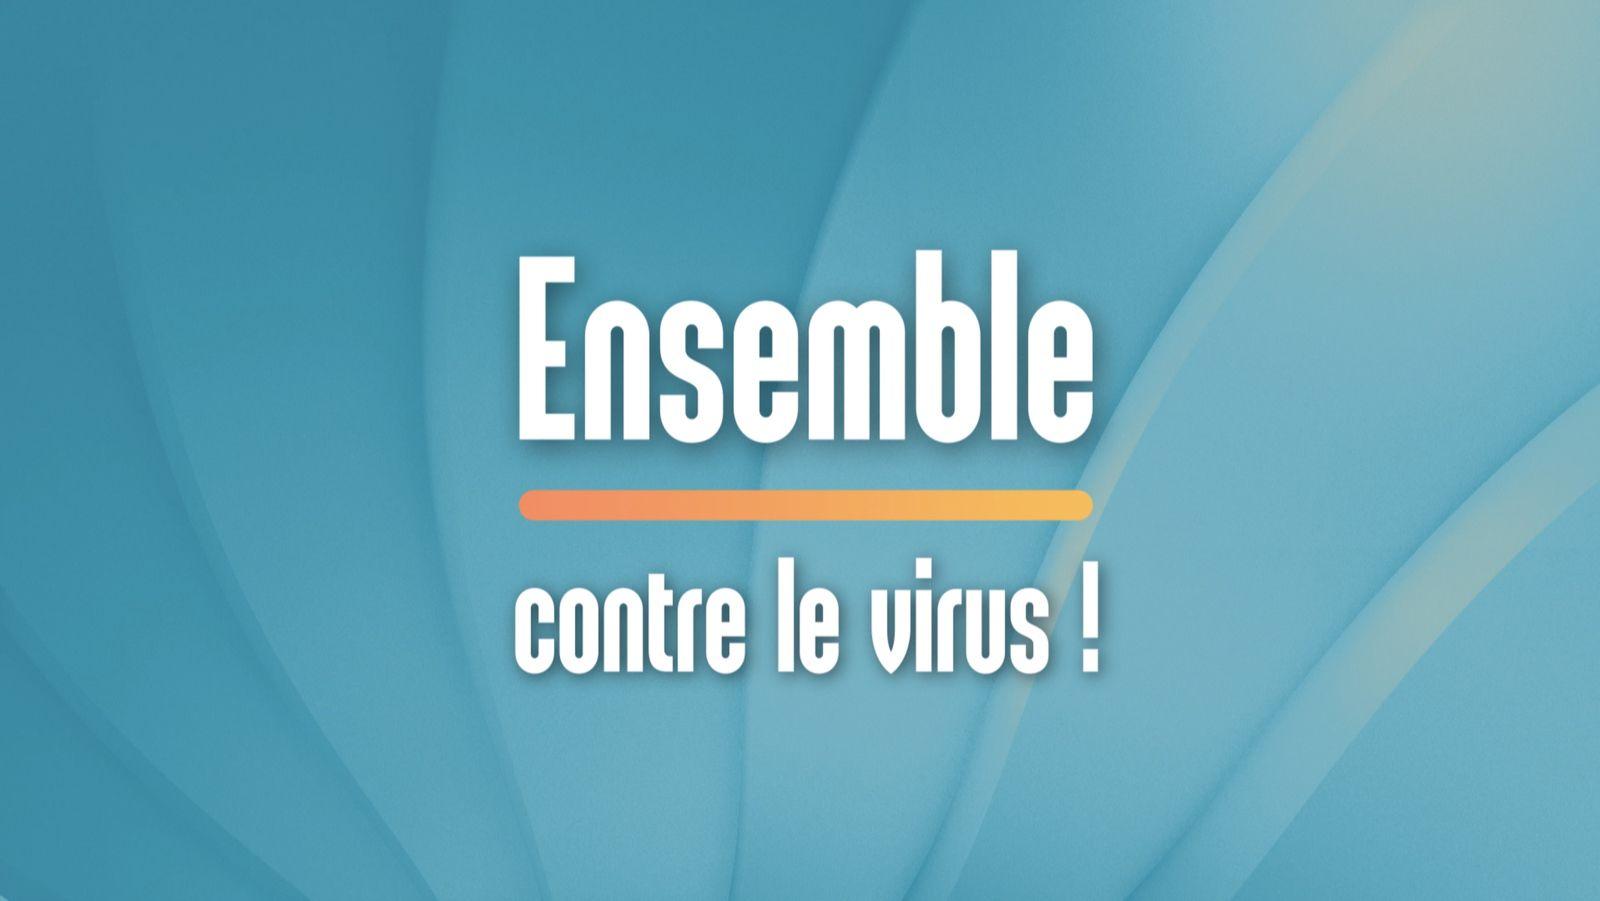 Ensemble contre le virus :  nouvelle émission interactive ce vendredi à 10h20 sur France 3 (sommaire).